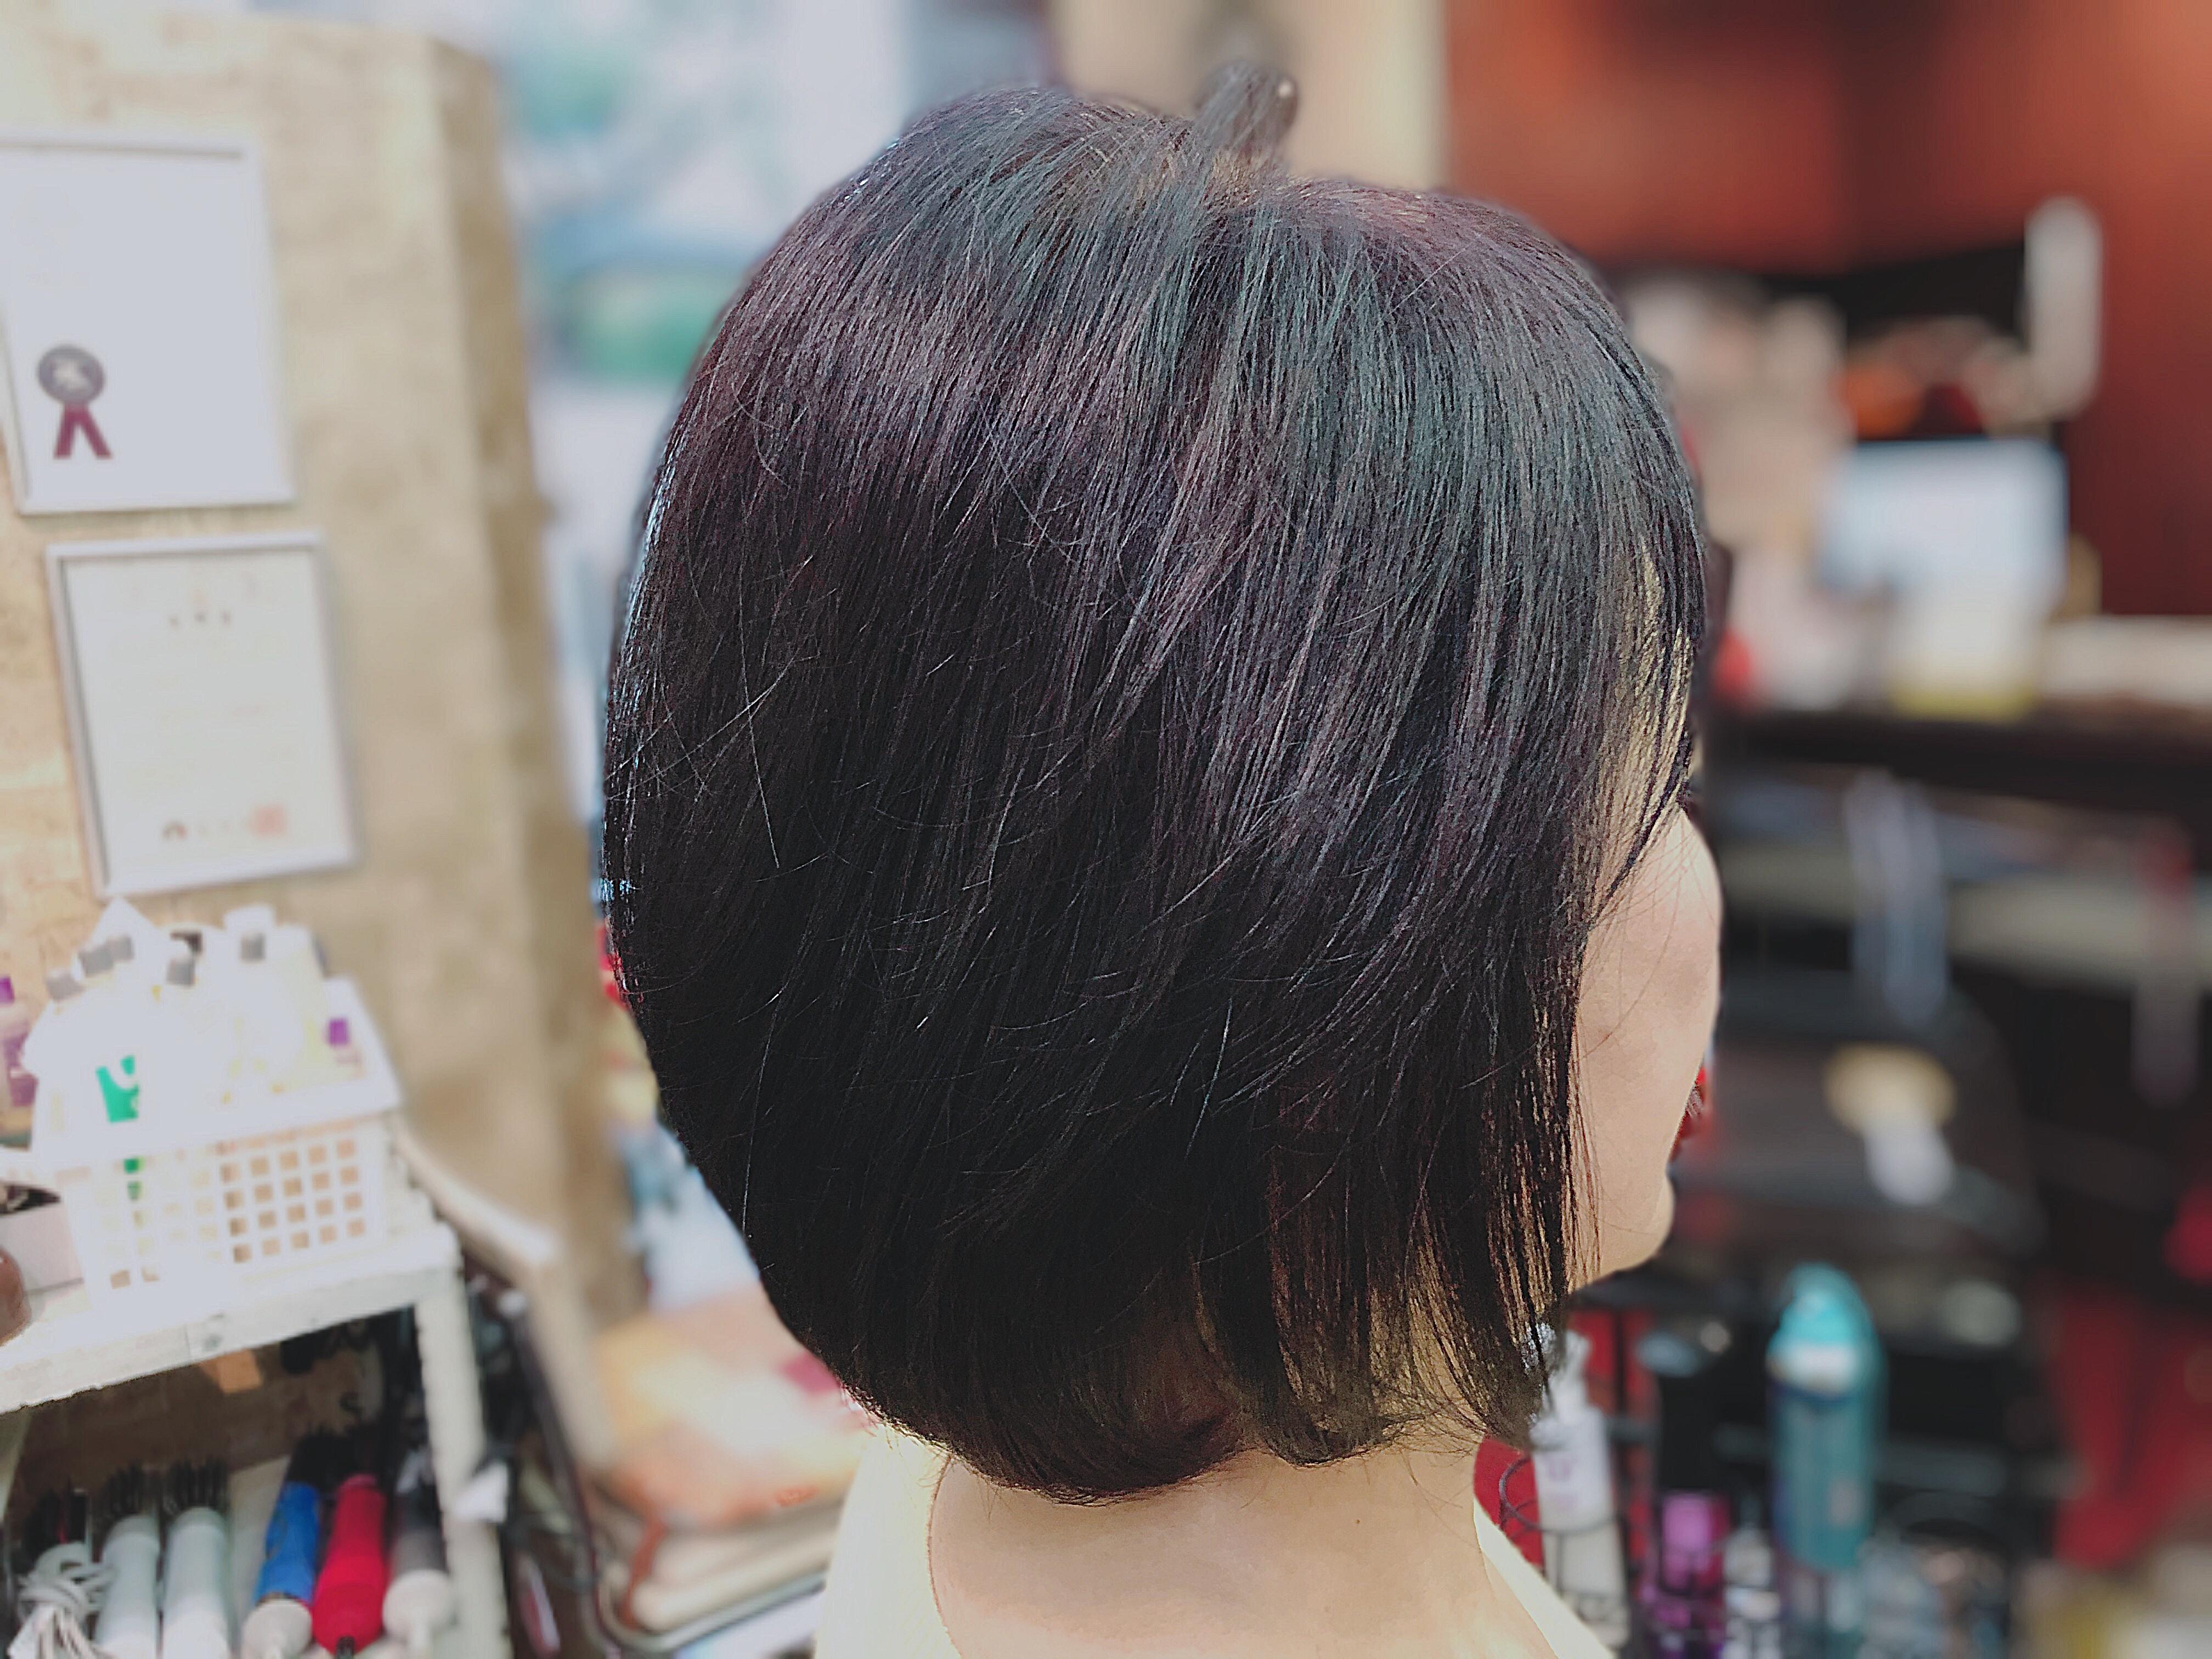 後頭部の割れと、くせ毛でうまくできないスタイリングの悩み。(夙川アンヌ美容室)